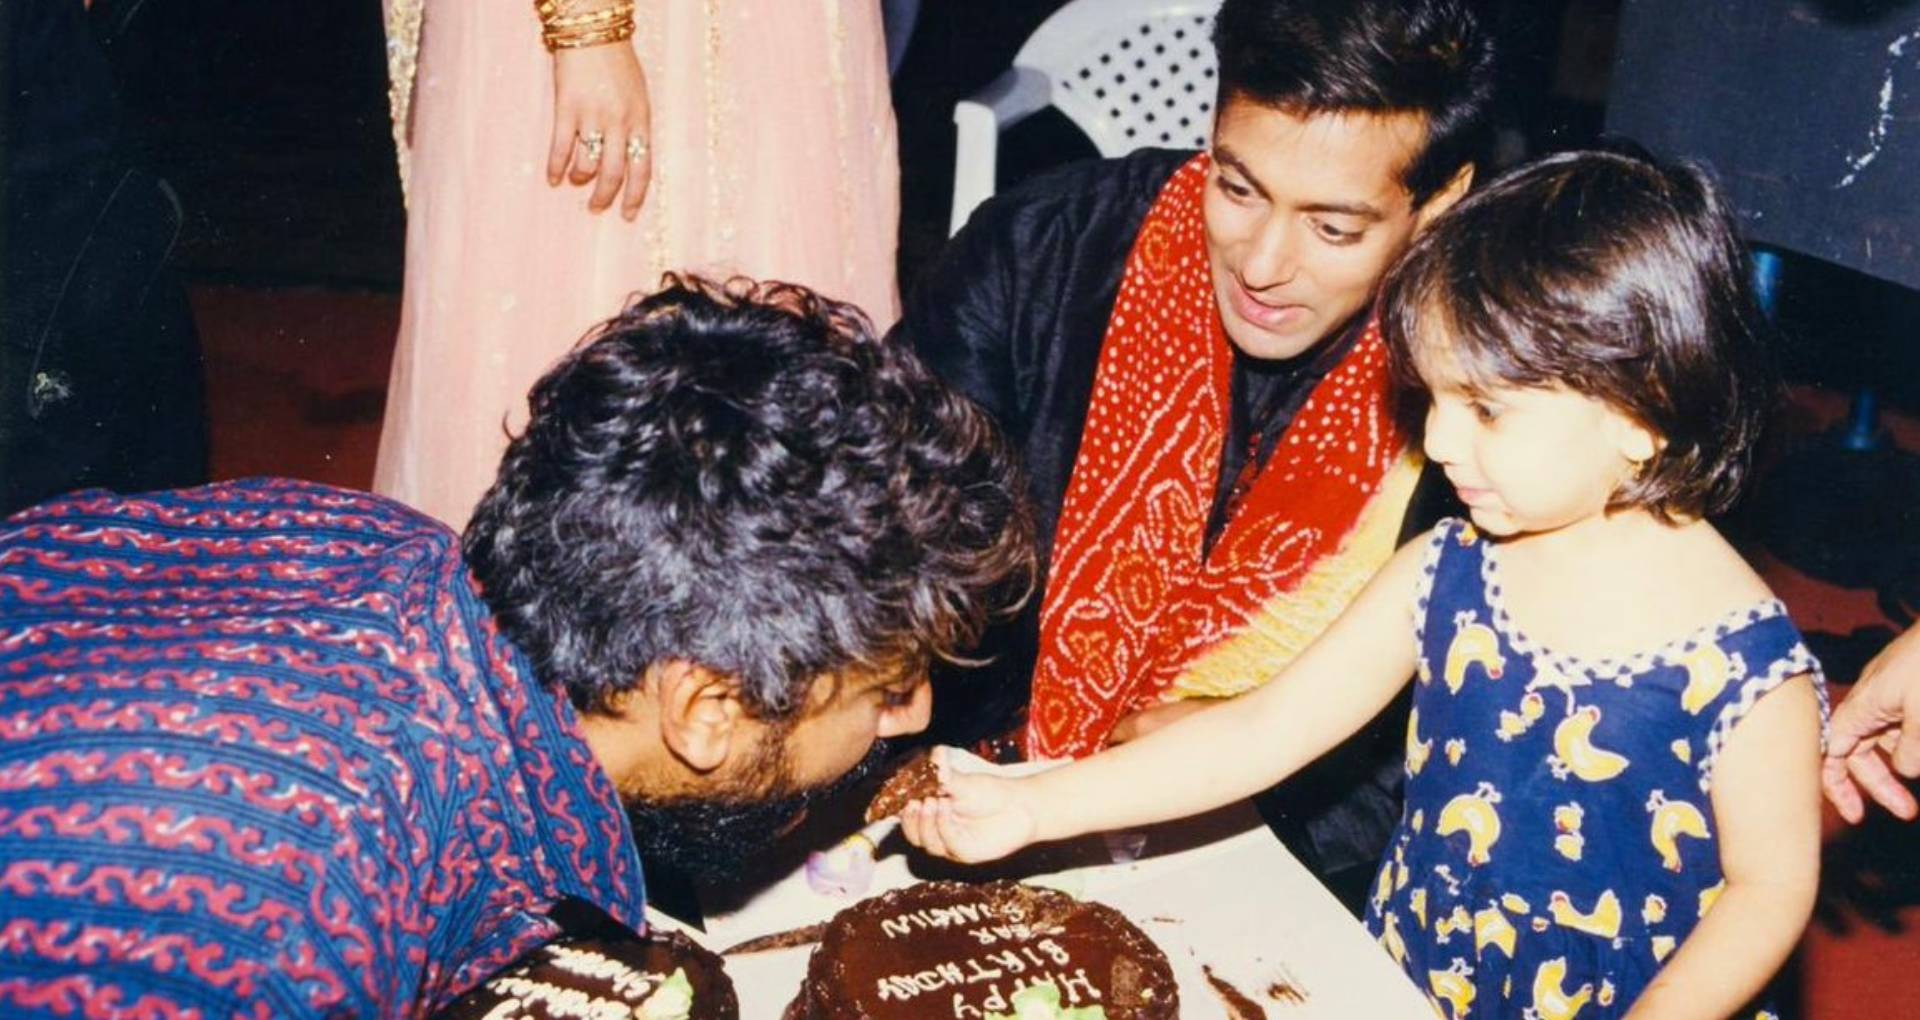 सलमान खान ने शेयर की शरमिन सहगल का बर्थडे मनाने वाली तस्वीर, लेकिन काट दिया ऐश्वर्या राय बच्चन का चेहरा